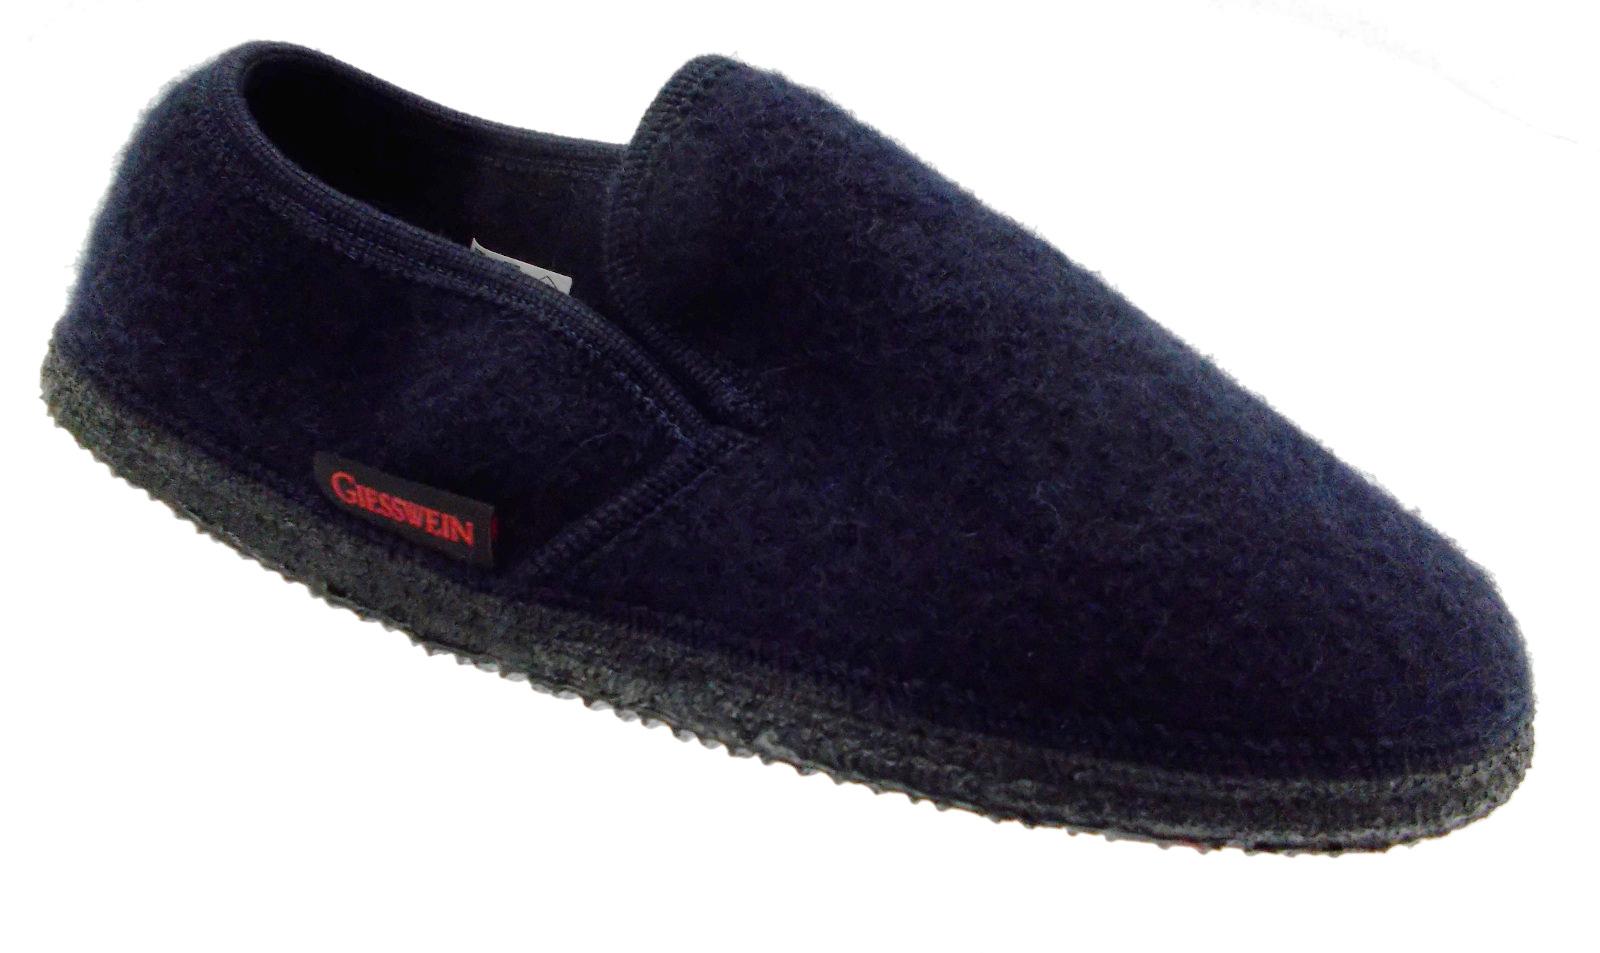 32/10/40847 588 NIEDERTHAL pantofola feltro dark dark dark  blue Giesswein 567848